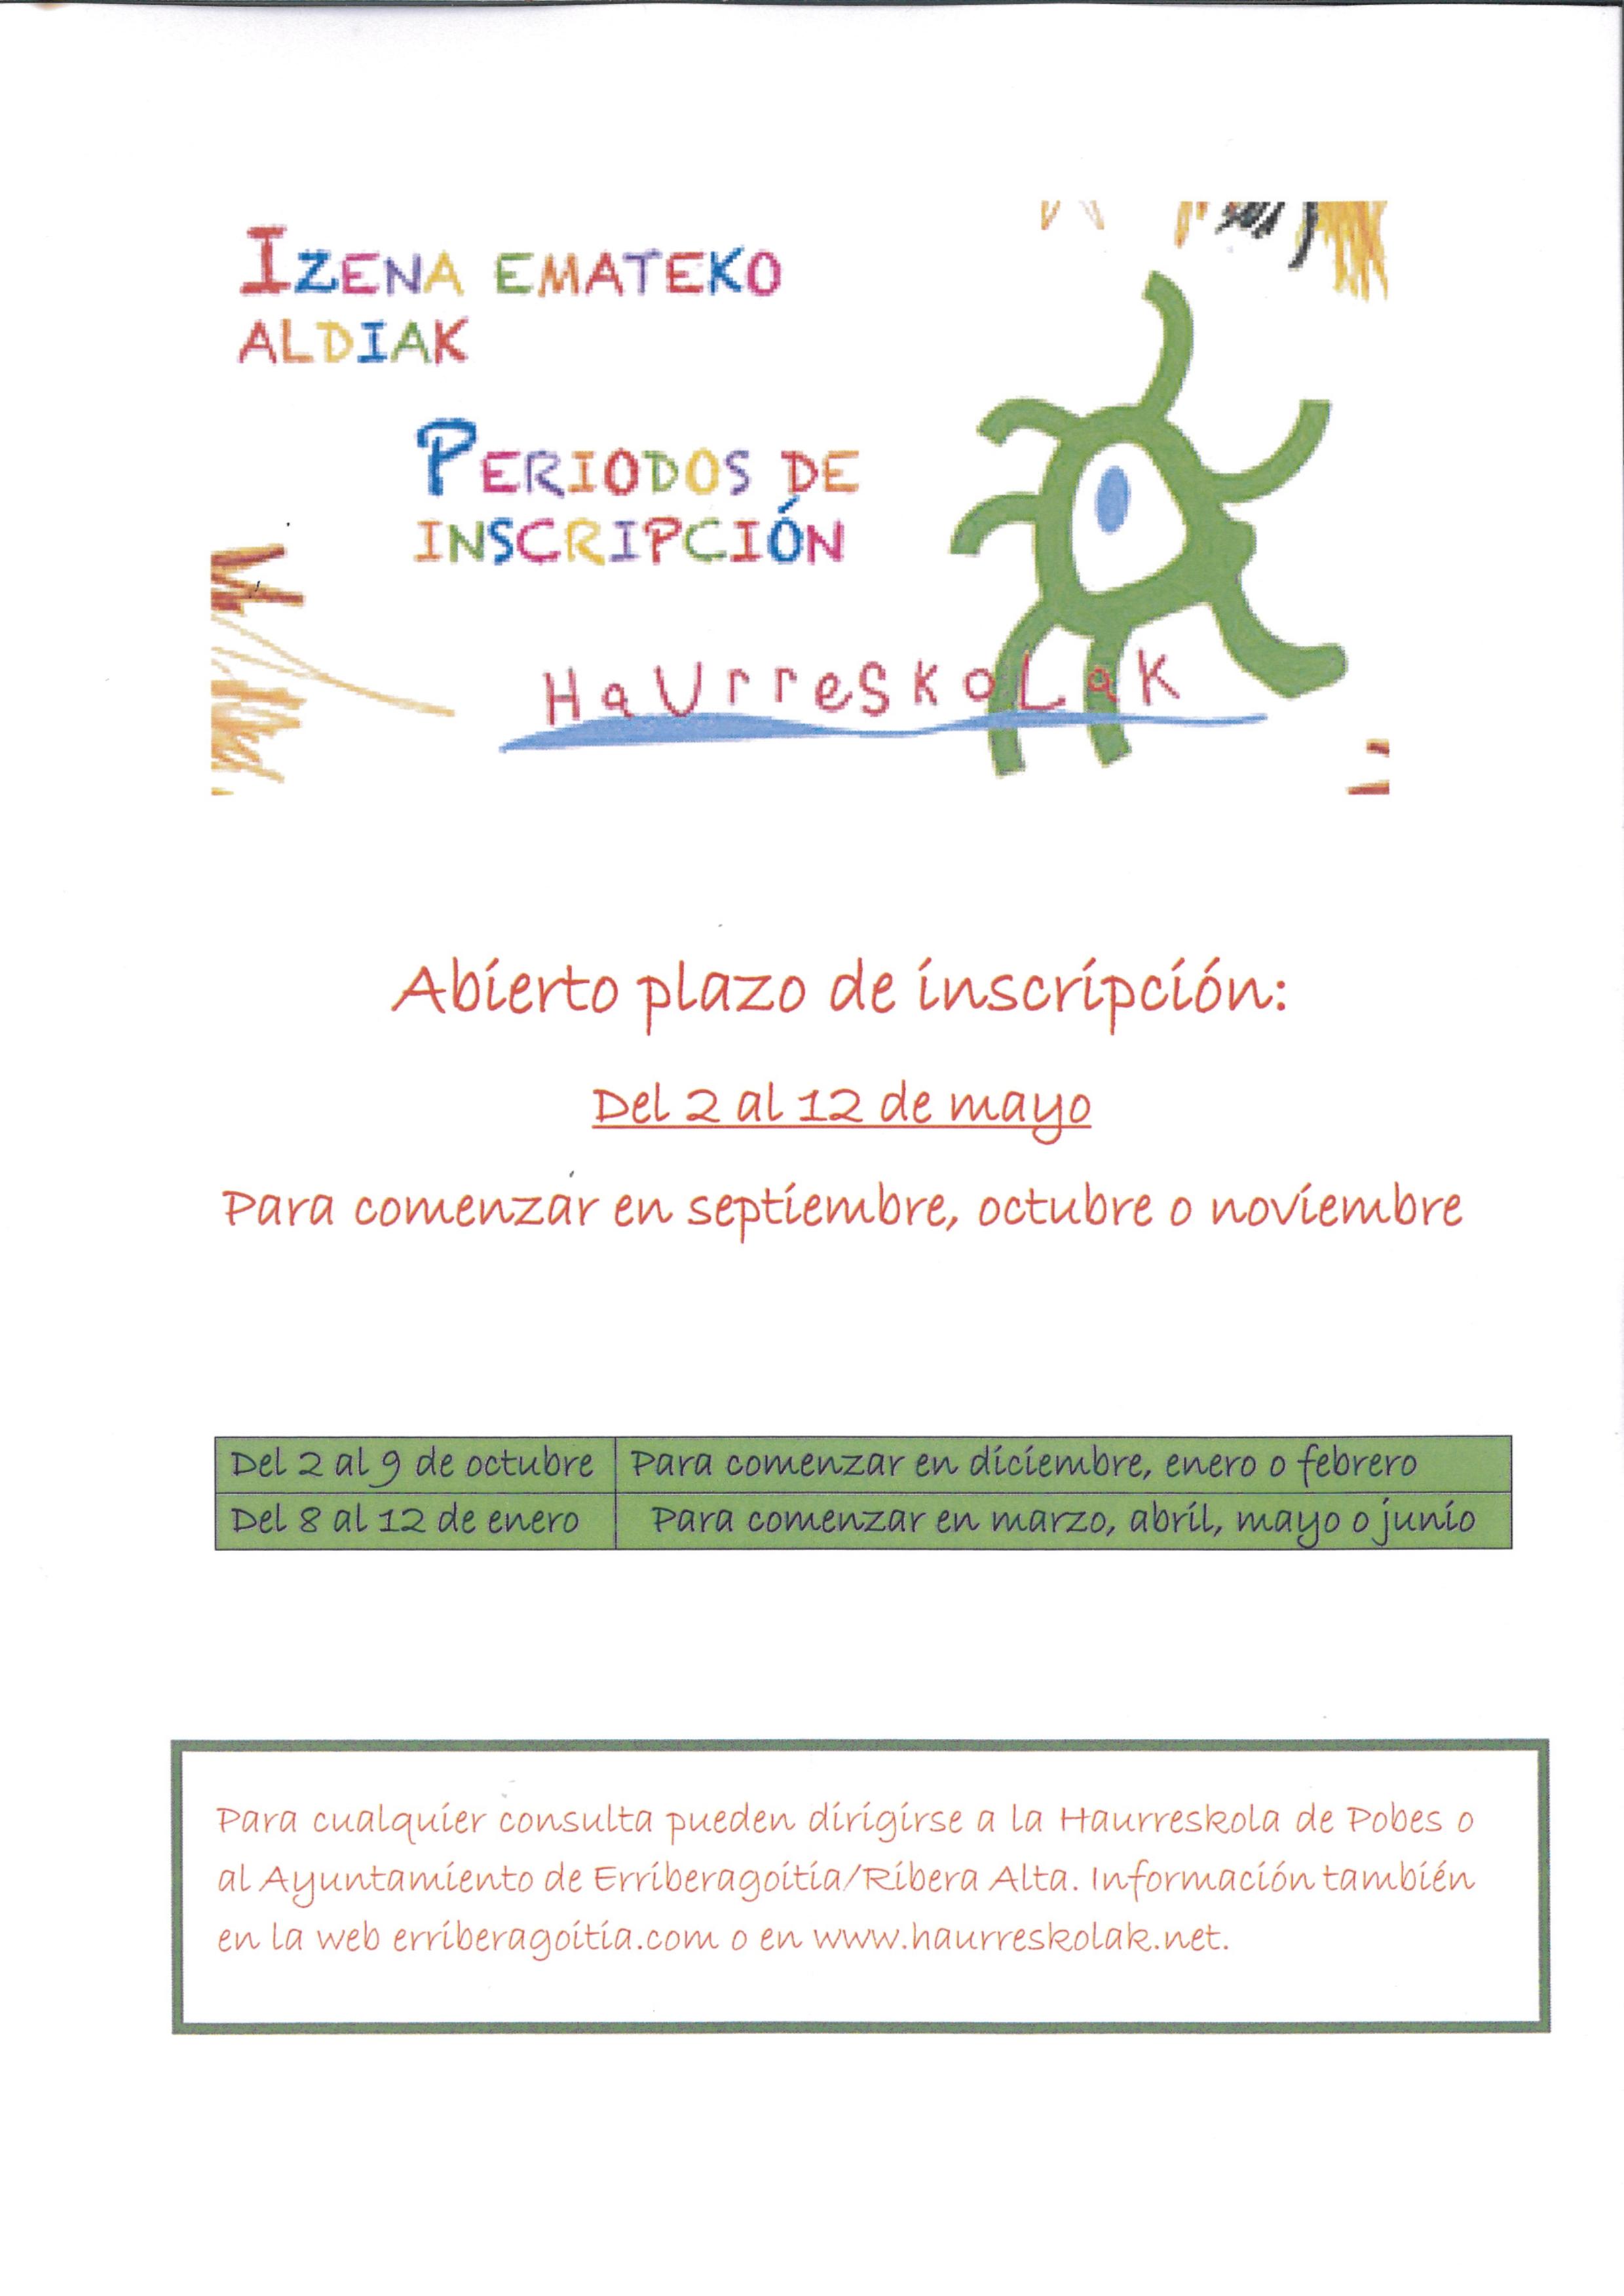 Del 2 al 12 de mayo se abrirá el plazo de inscripción en las haurreskolas del Consorcio Haurreskolak